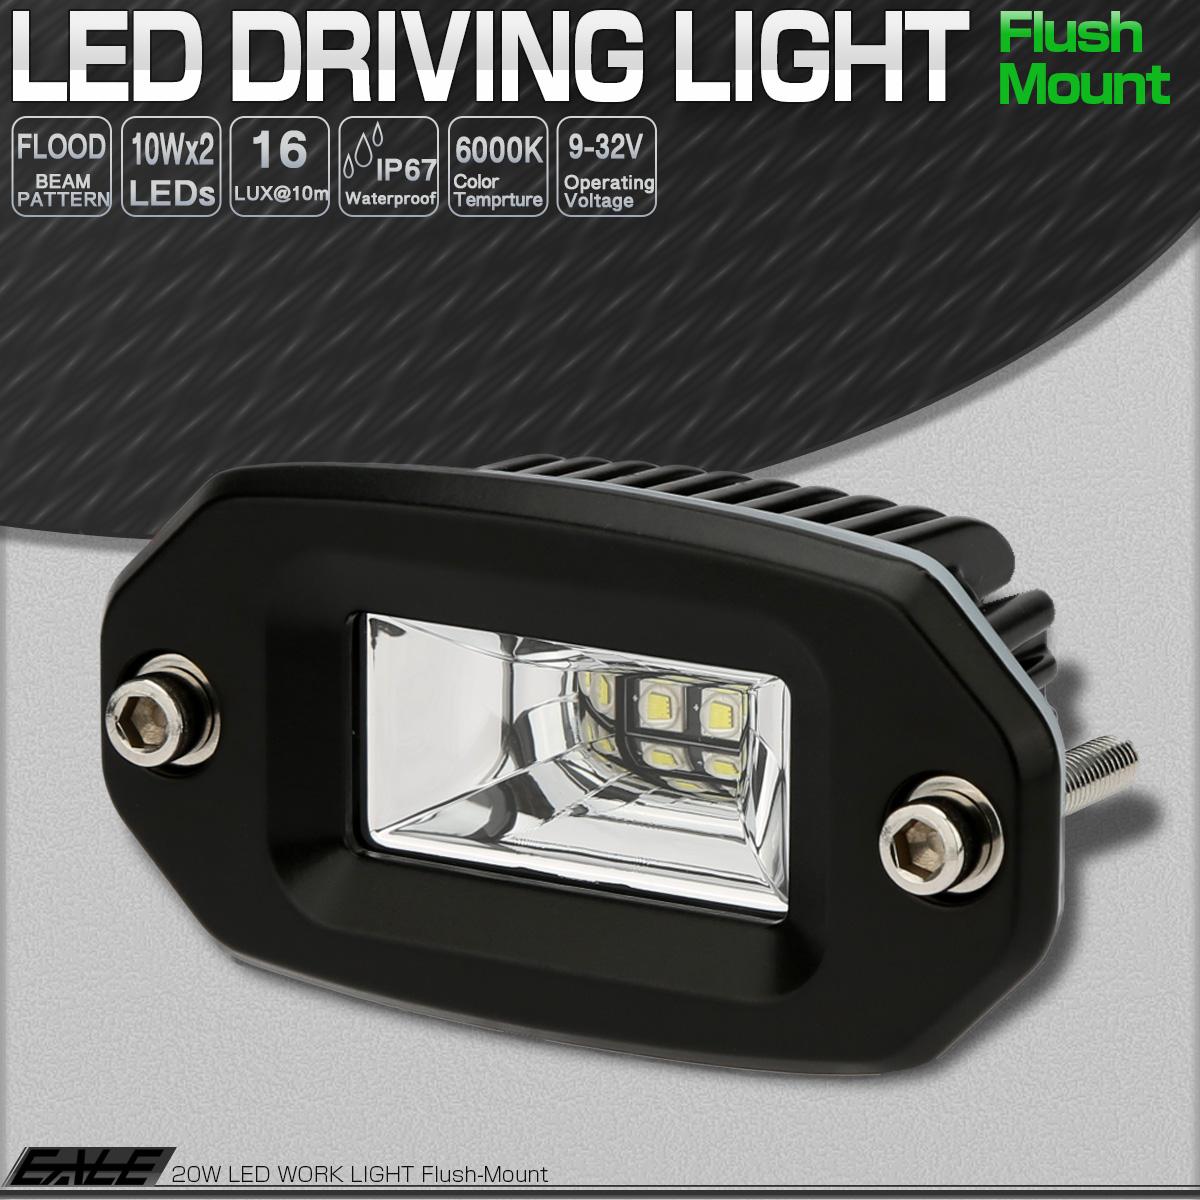 埋め込み専用 LED ライトポッド 20W フォグランプ バックランプ 作業灯 補助灯に フラッシュマウント型 12V/24V IP67 P-532